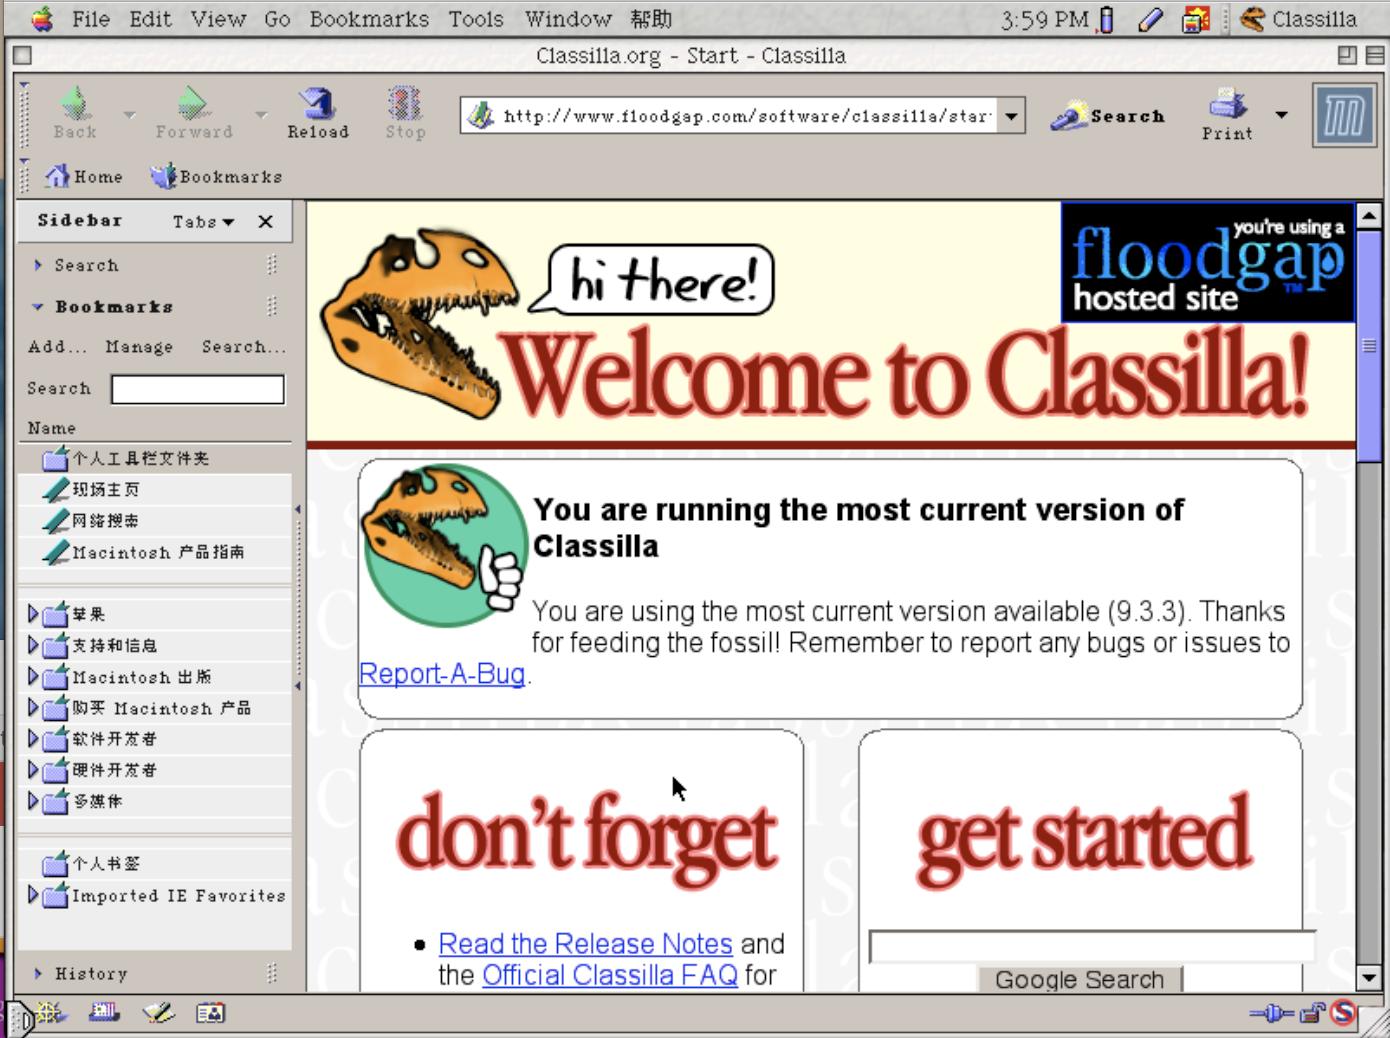 古董也上网2:Classilla助力iBook Mac OS 9上网体验,与更多